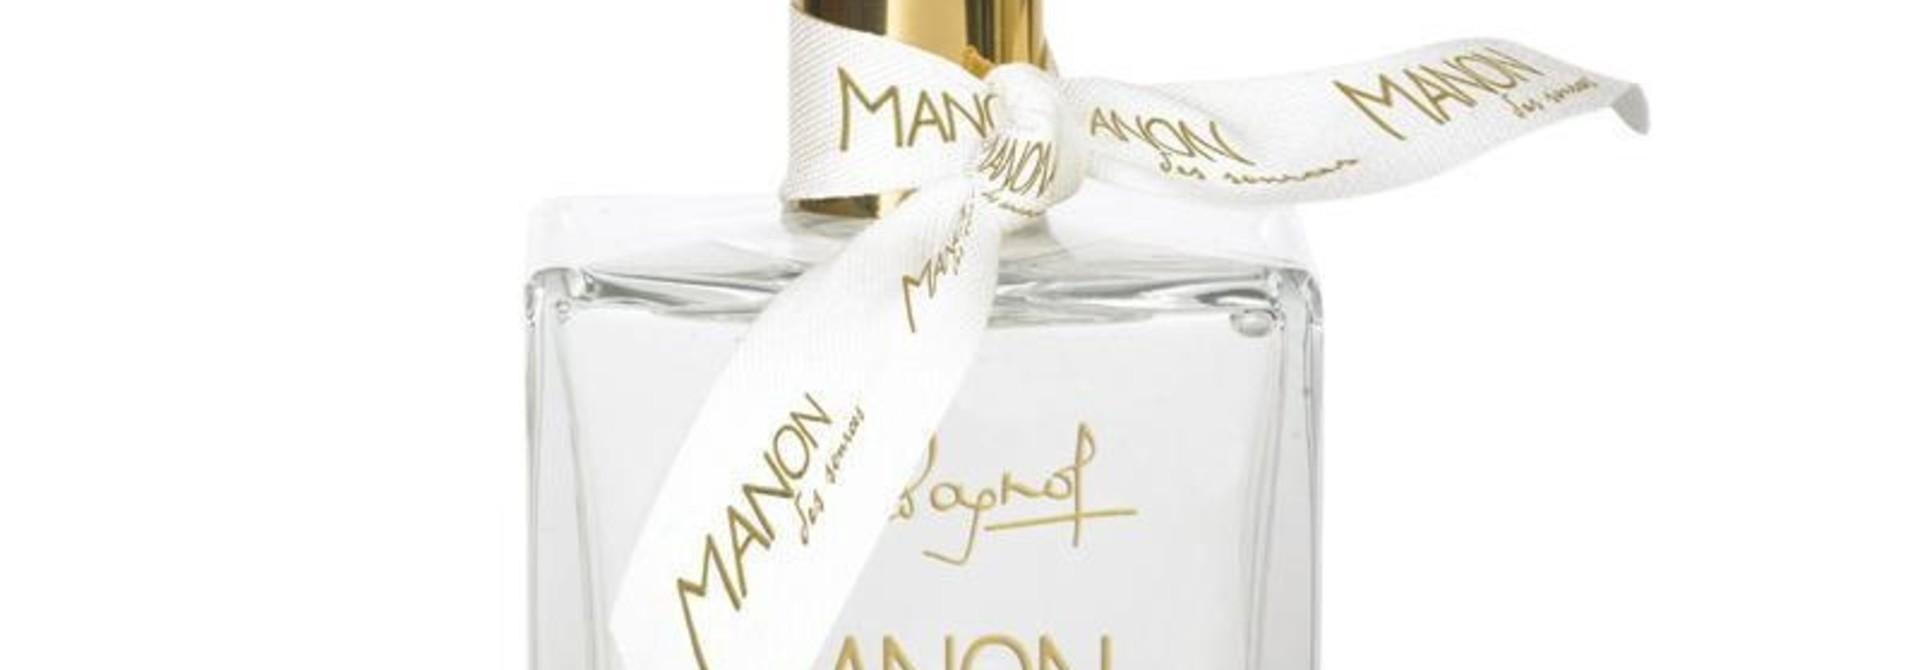 Manon des Sources - 100ml Pillow Mist